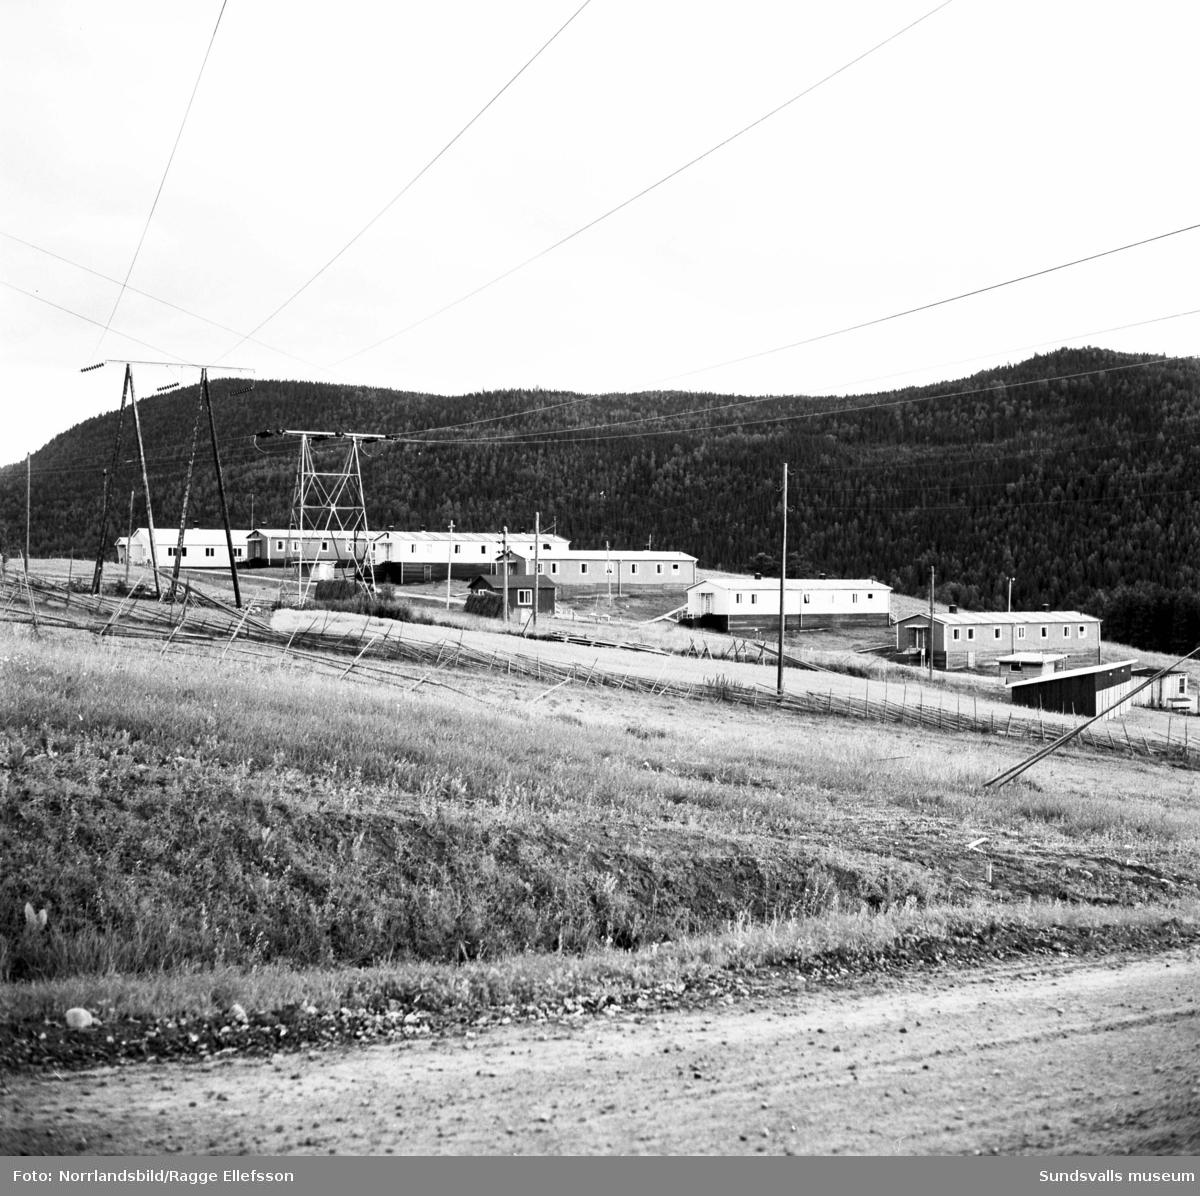 Bygget av Järkvissle kraftverk. Personalbostäder på de två första bilderna, längorna på första bilden är rivna men de flesta husen på bild två finns kvar (2019). Övriga bilder är från byggplatsen nedströms kraftverket.